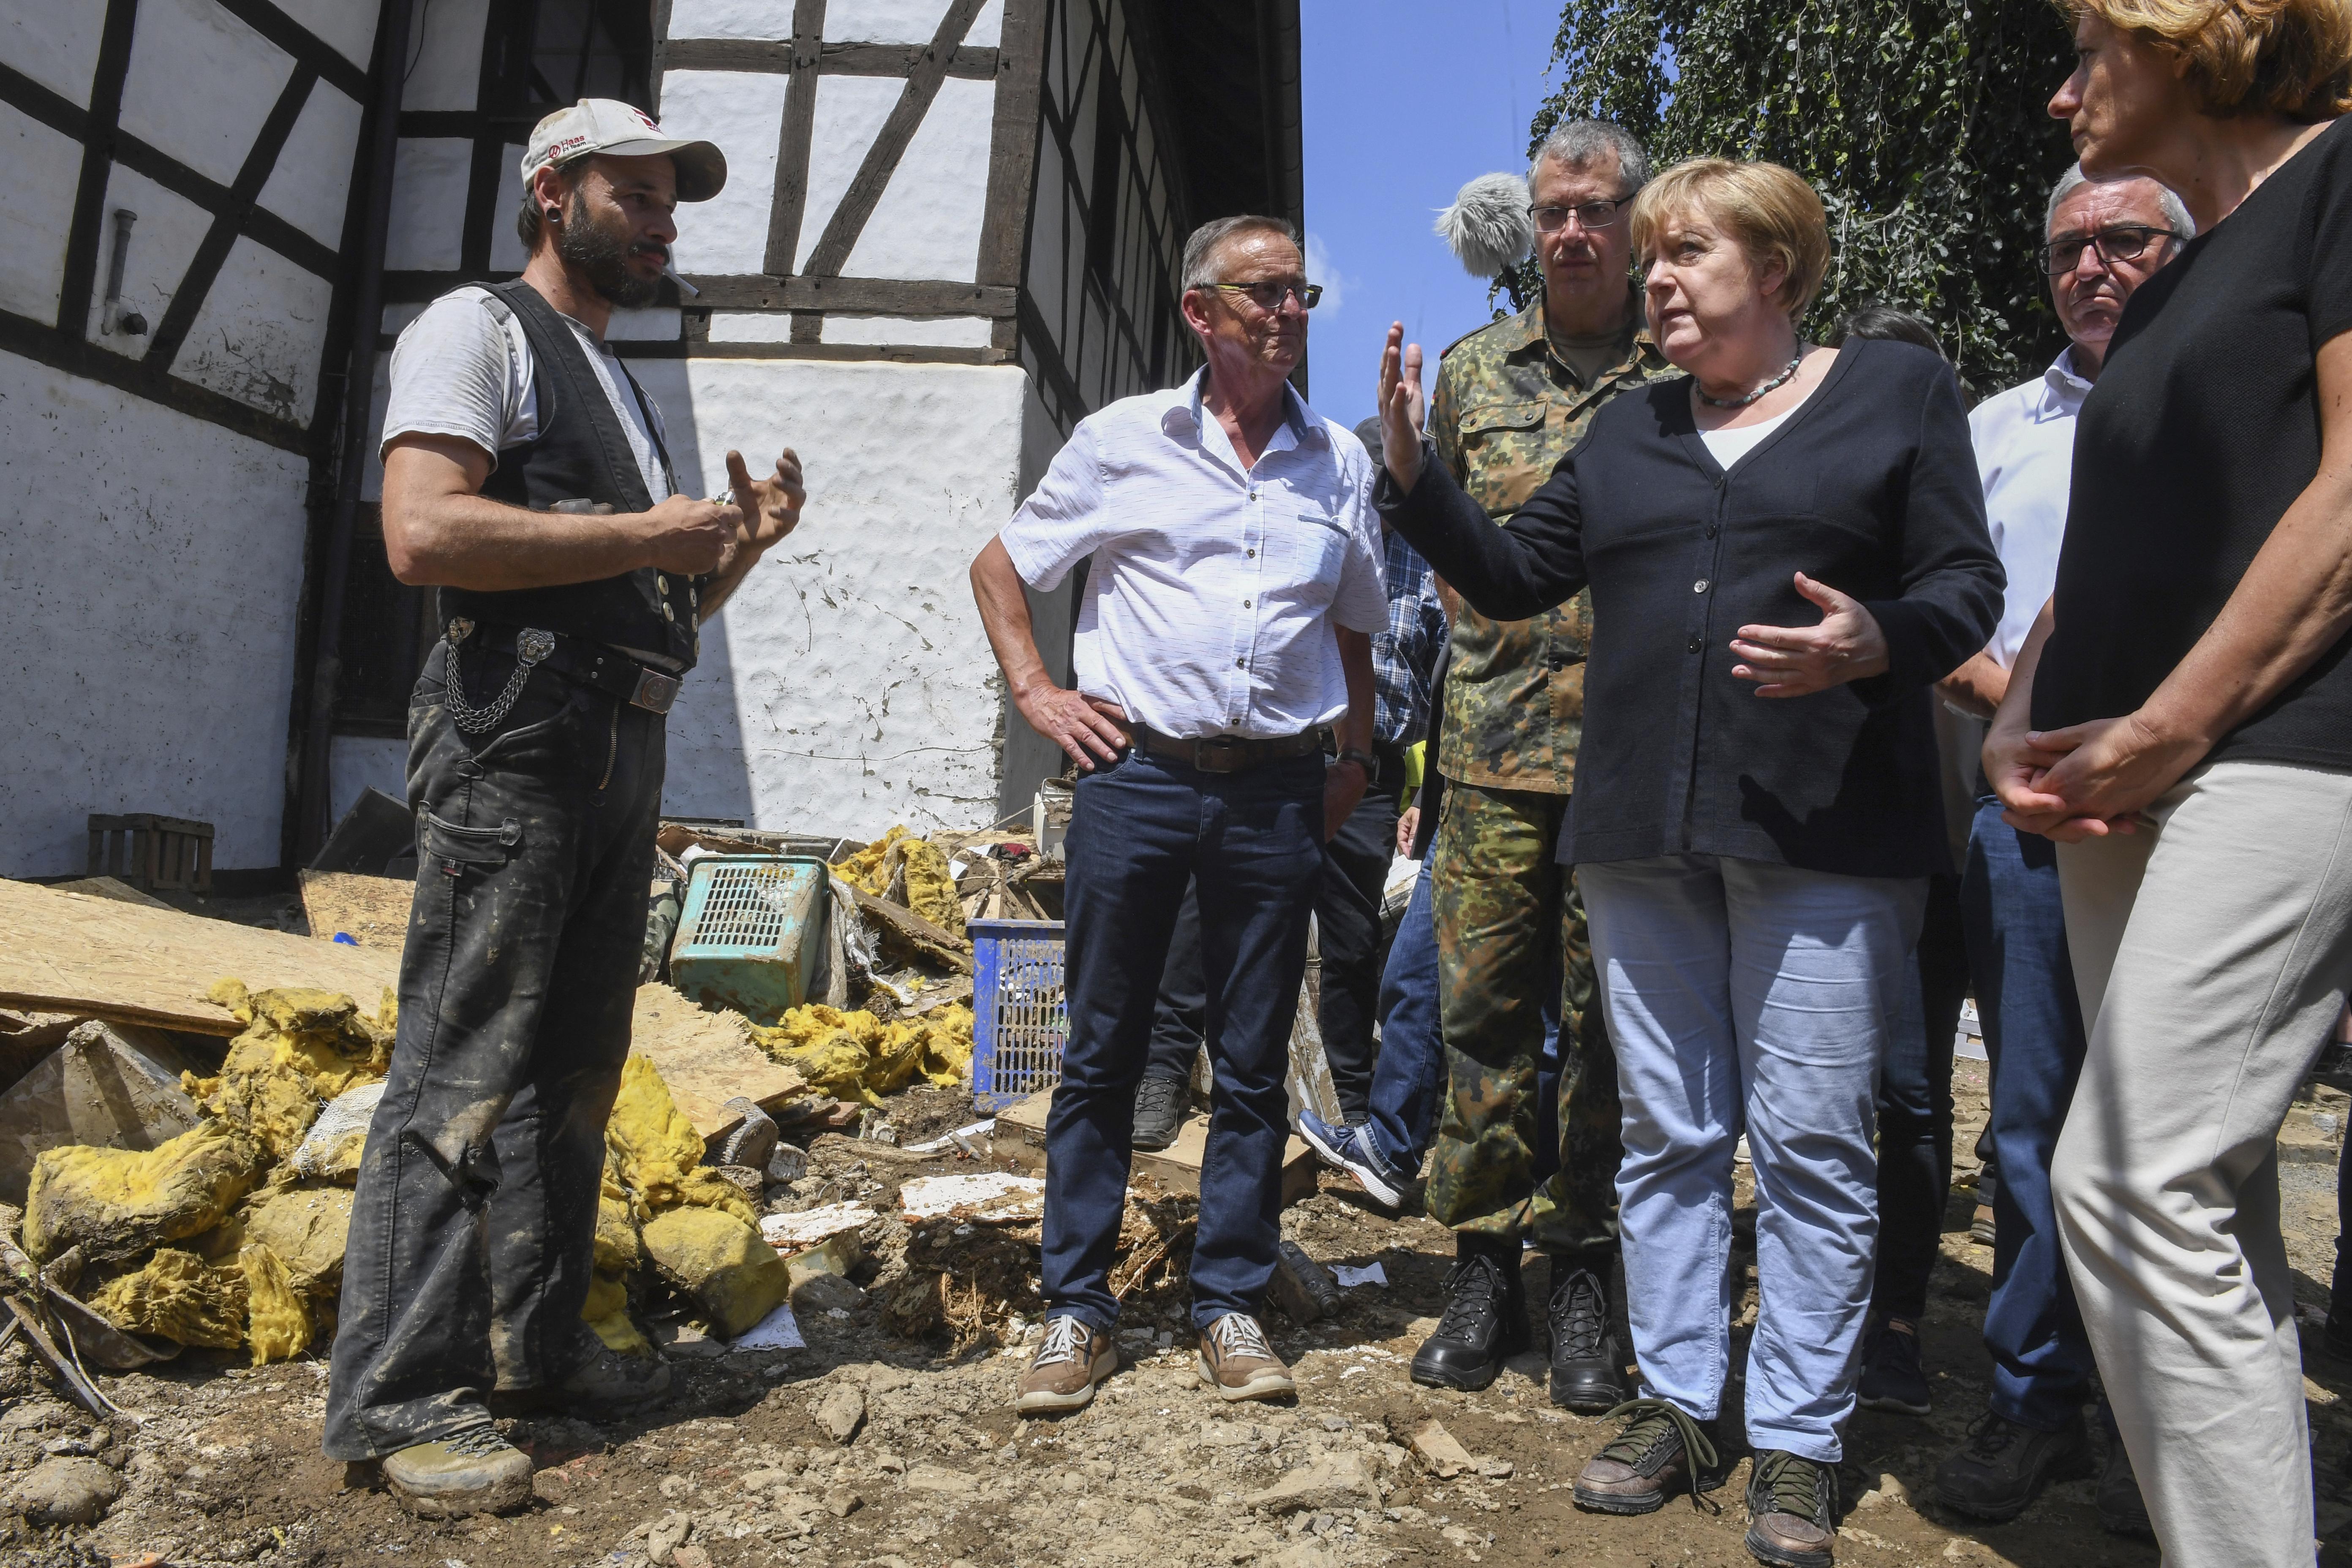 <p>Ситуацията в регионите, засегнати от наводненията, е сюрреалистична и ужасяваща, заяви германският канцлер Ангела Меркел</p>